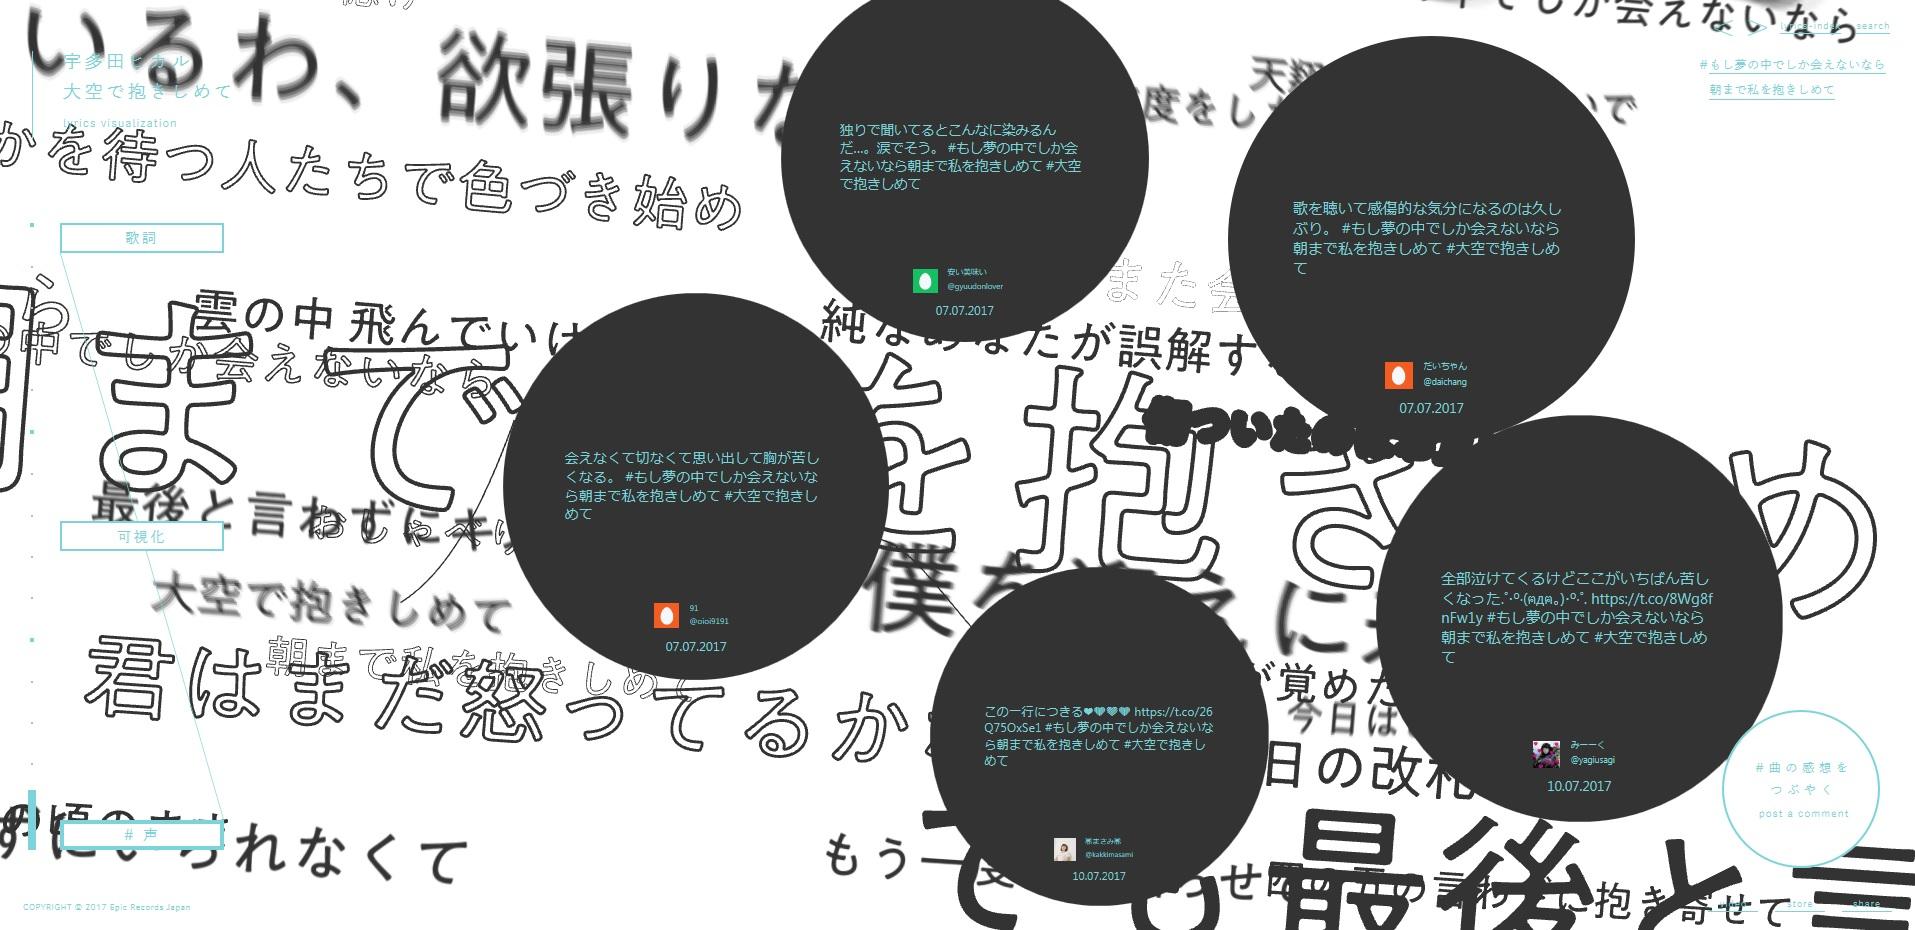 歌詞サイト_声